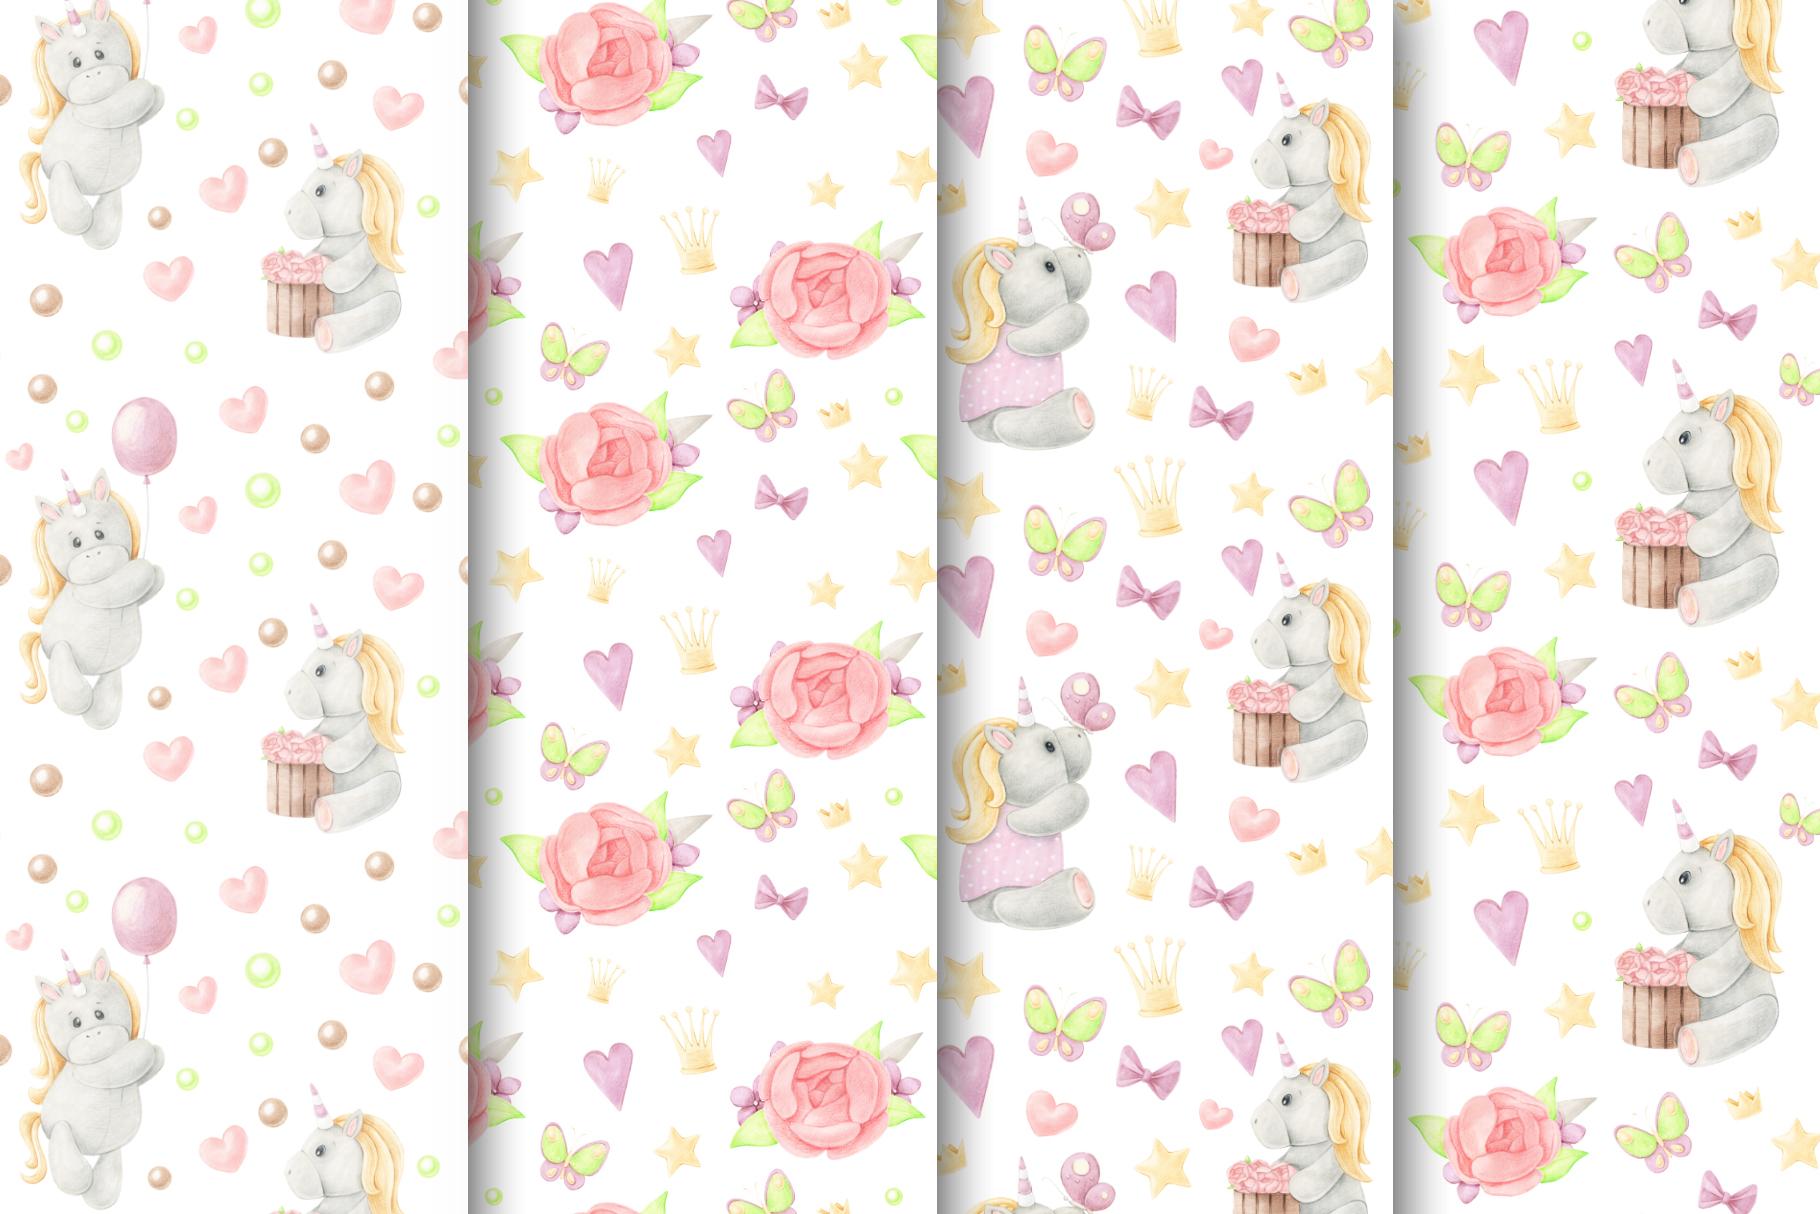 Tiny Unicorn Design Set example image 4